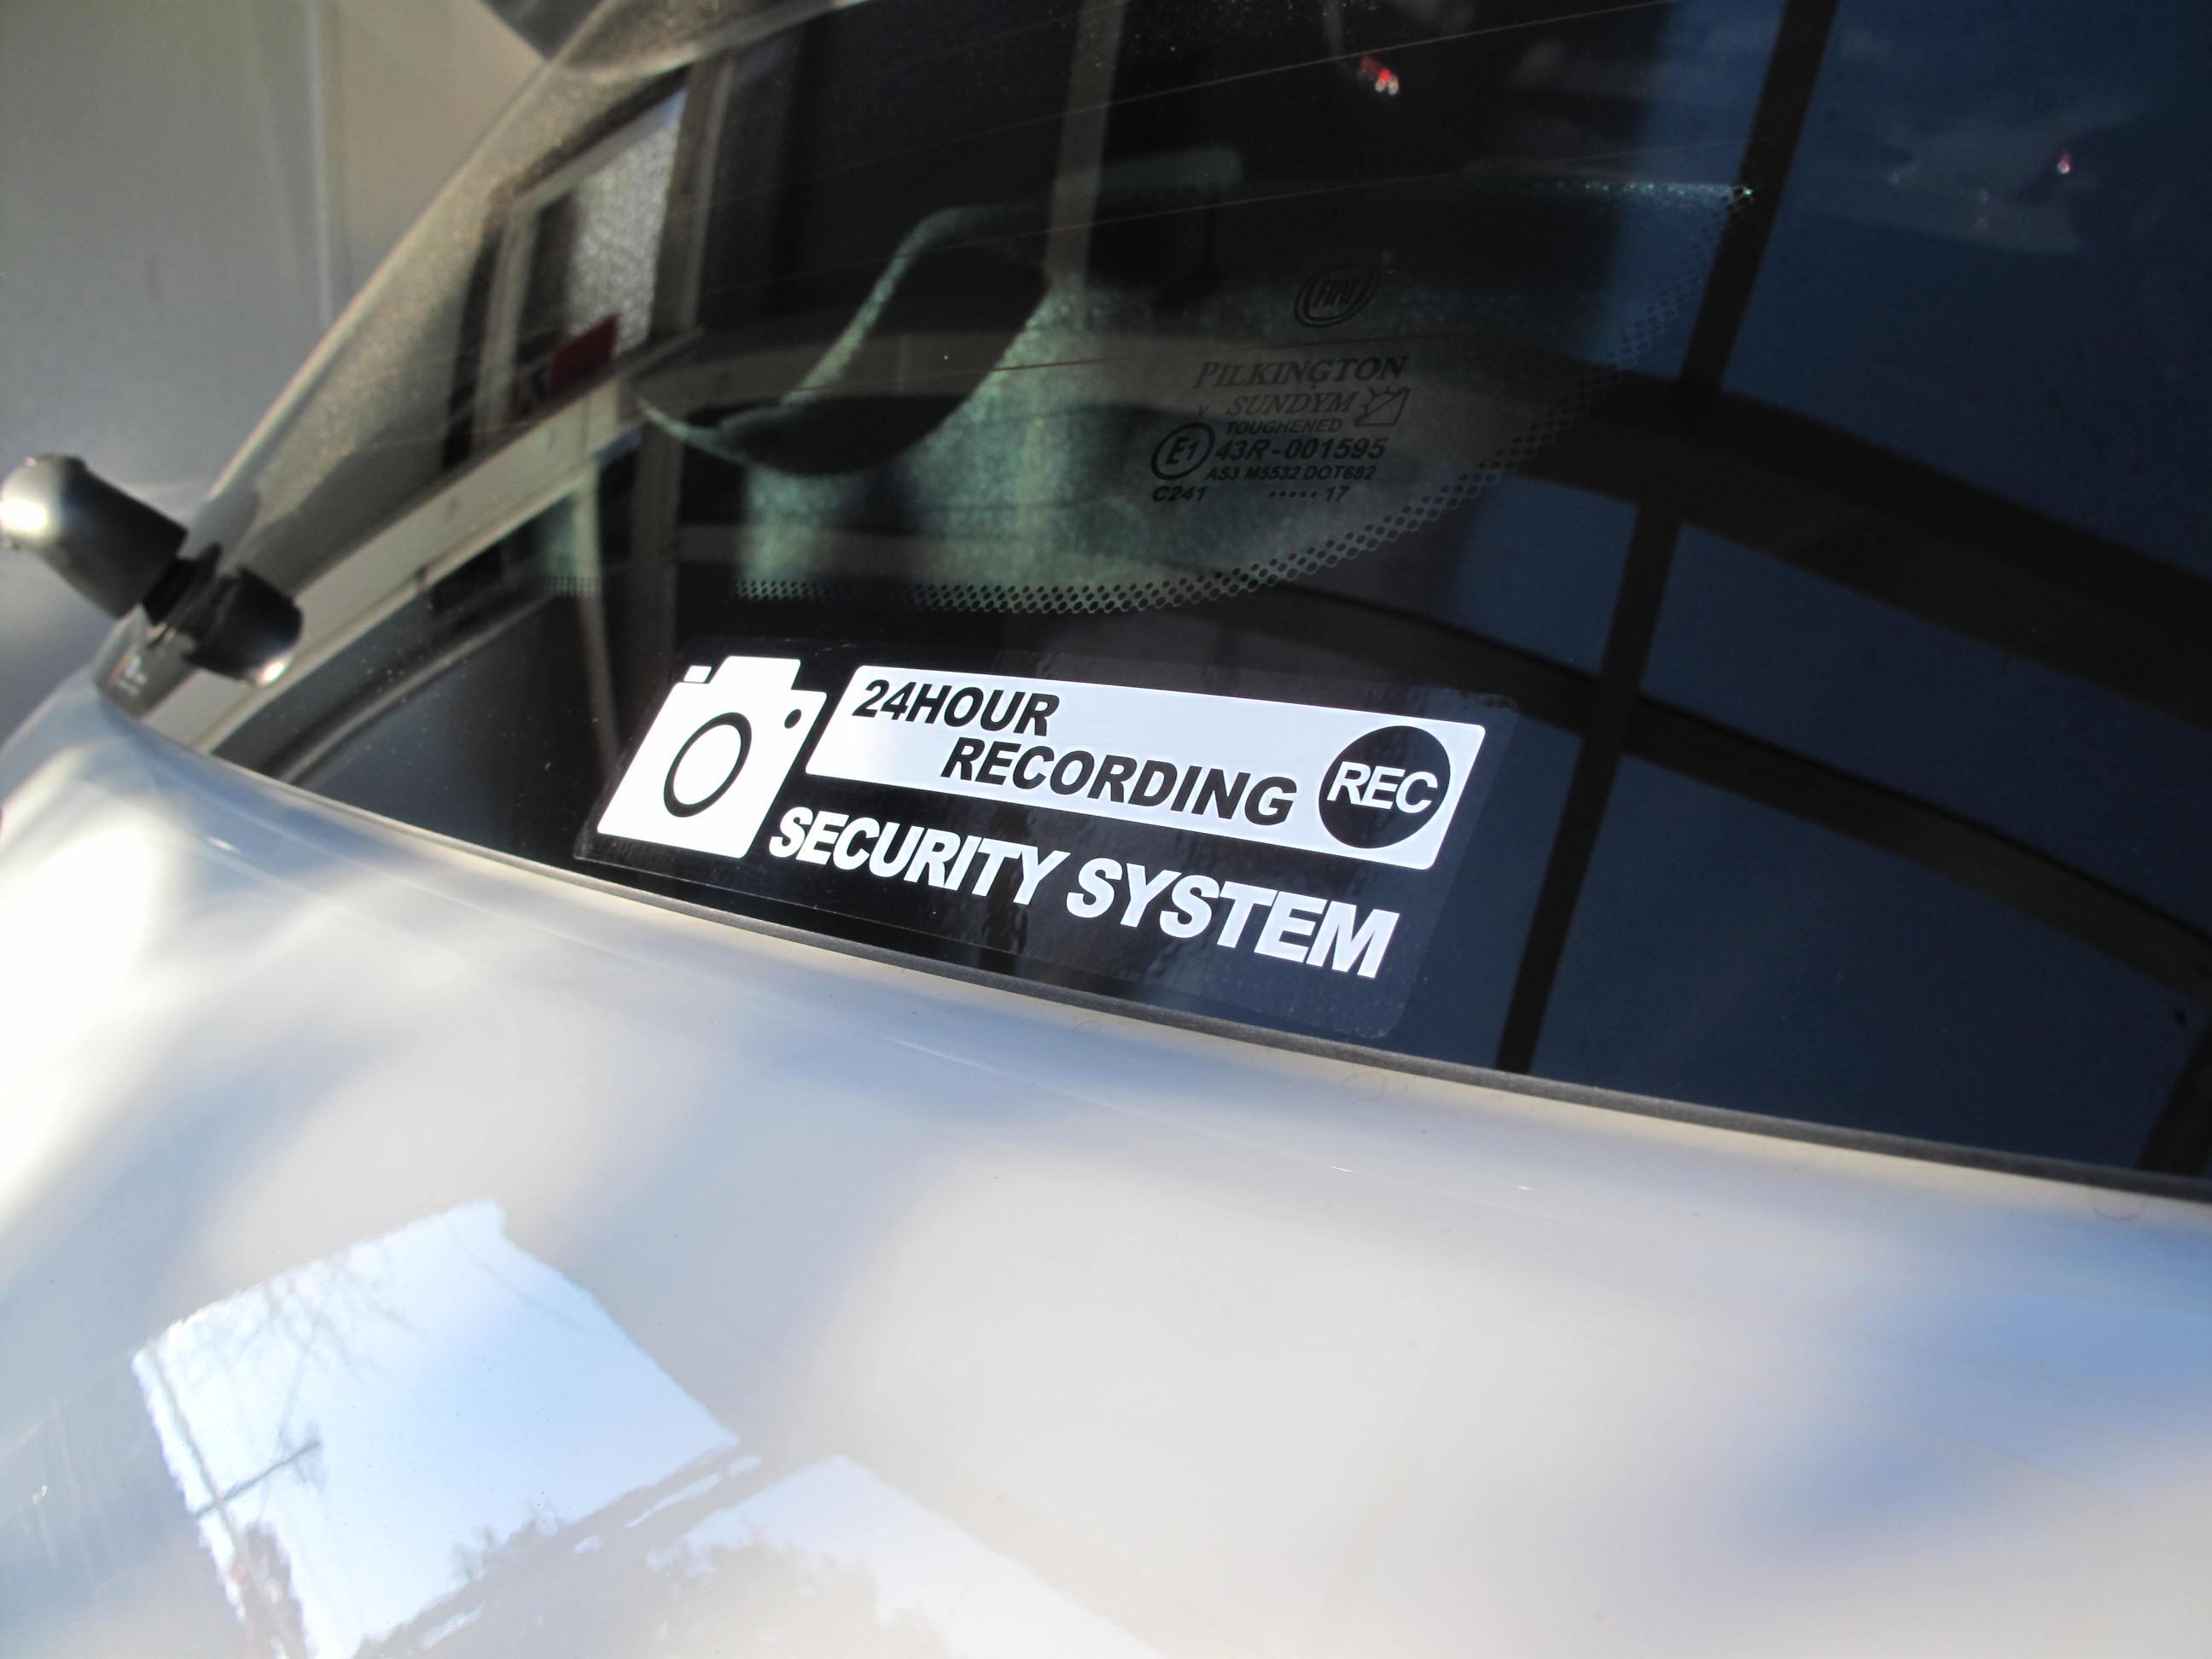 不明 SECURITY SYSTEM ステッカー